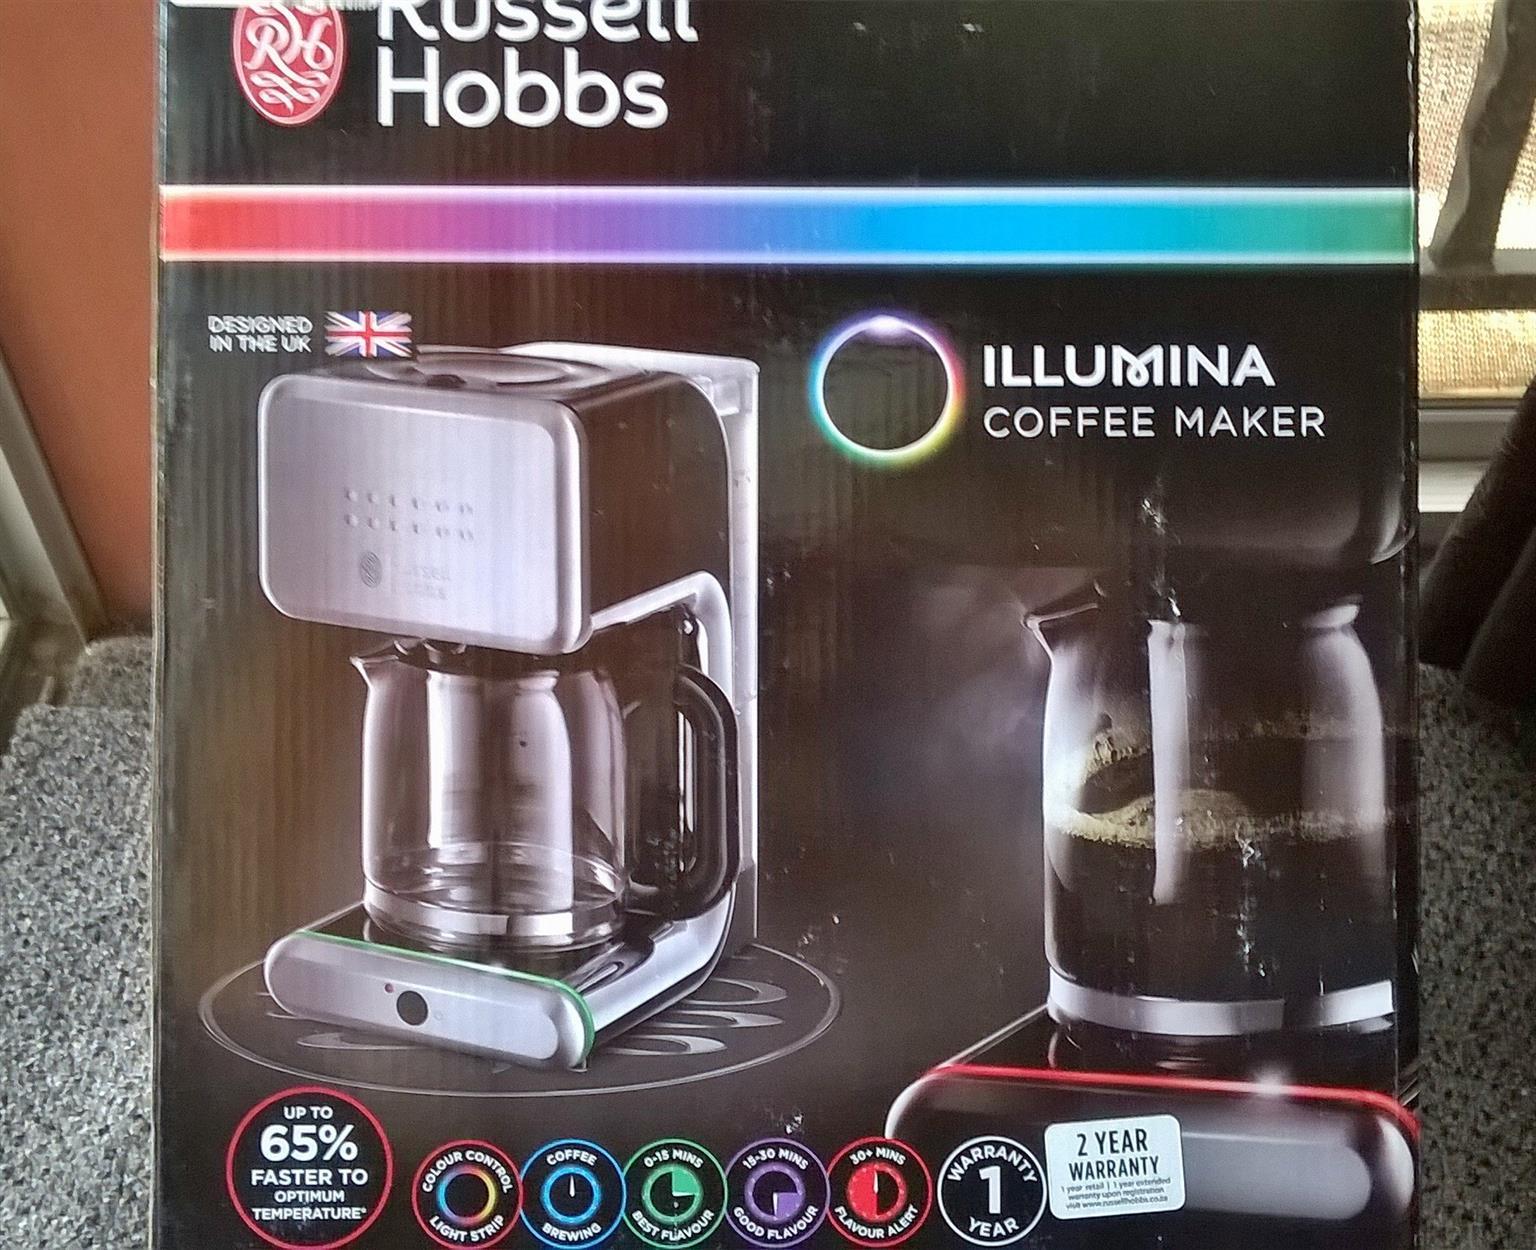 Russell Hobbs Illumina Coffee maker machine